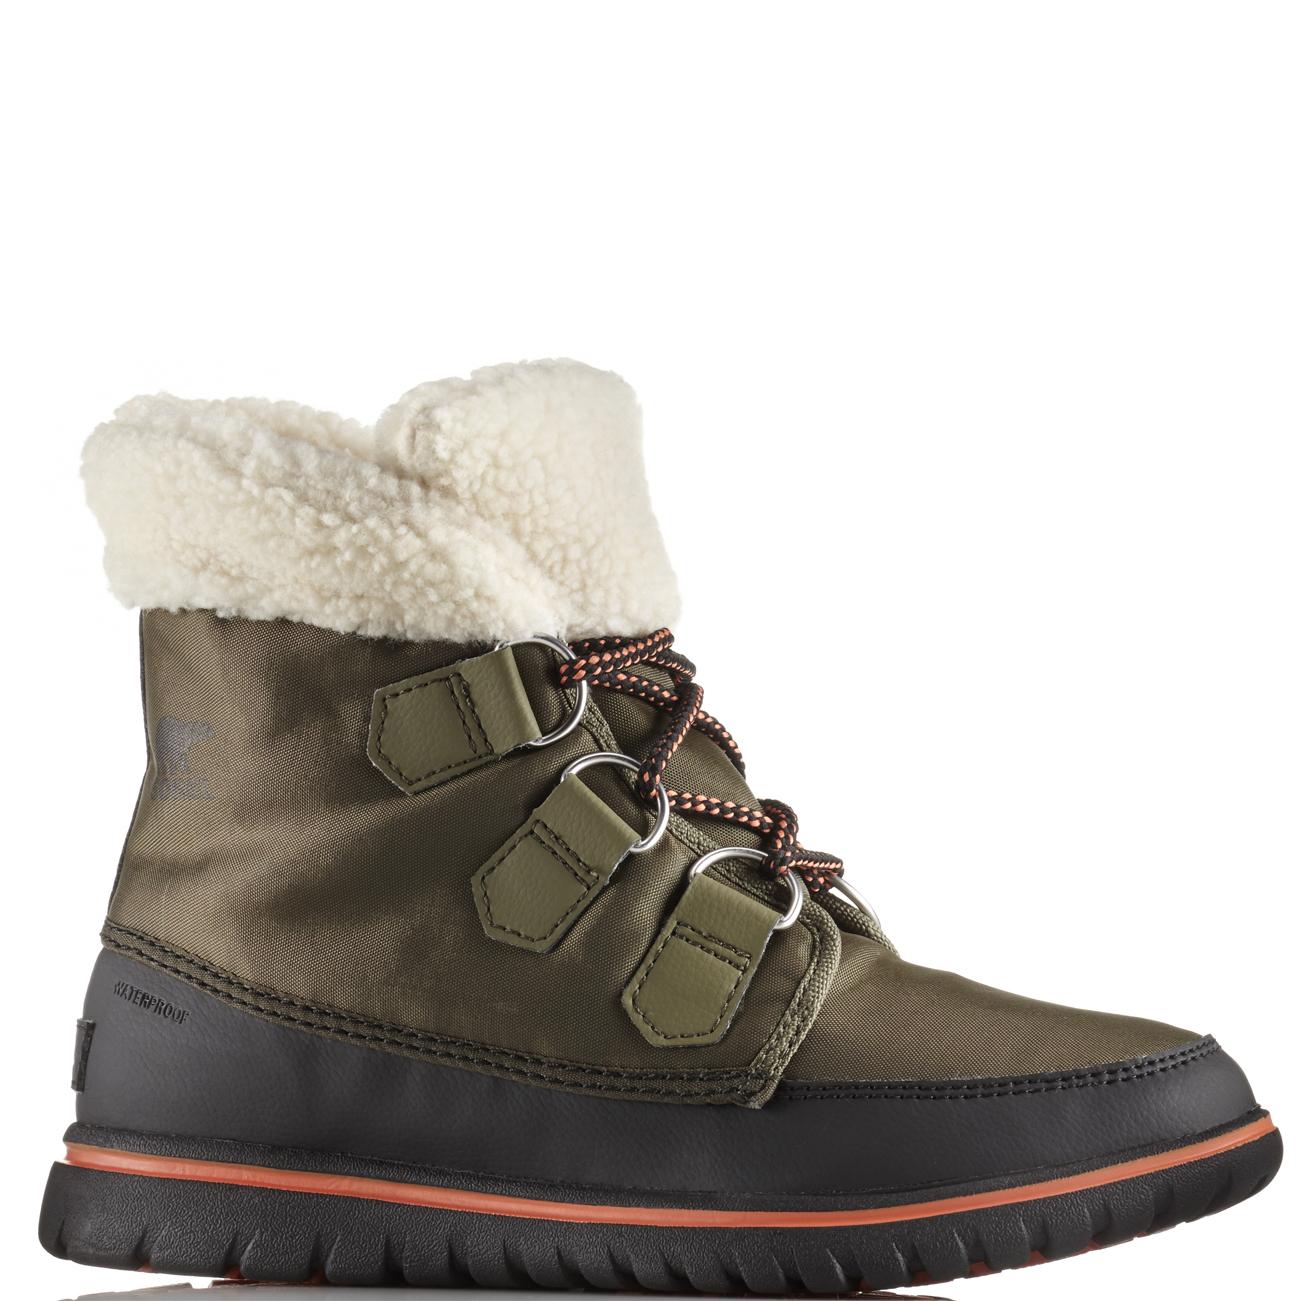 Womens Sorel Cozy Carnival Winter Snow Waterproof Warm Rain Ankle Boots UK  3-9 15881a5da4d